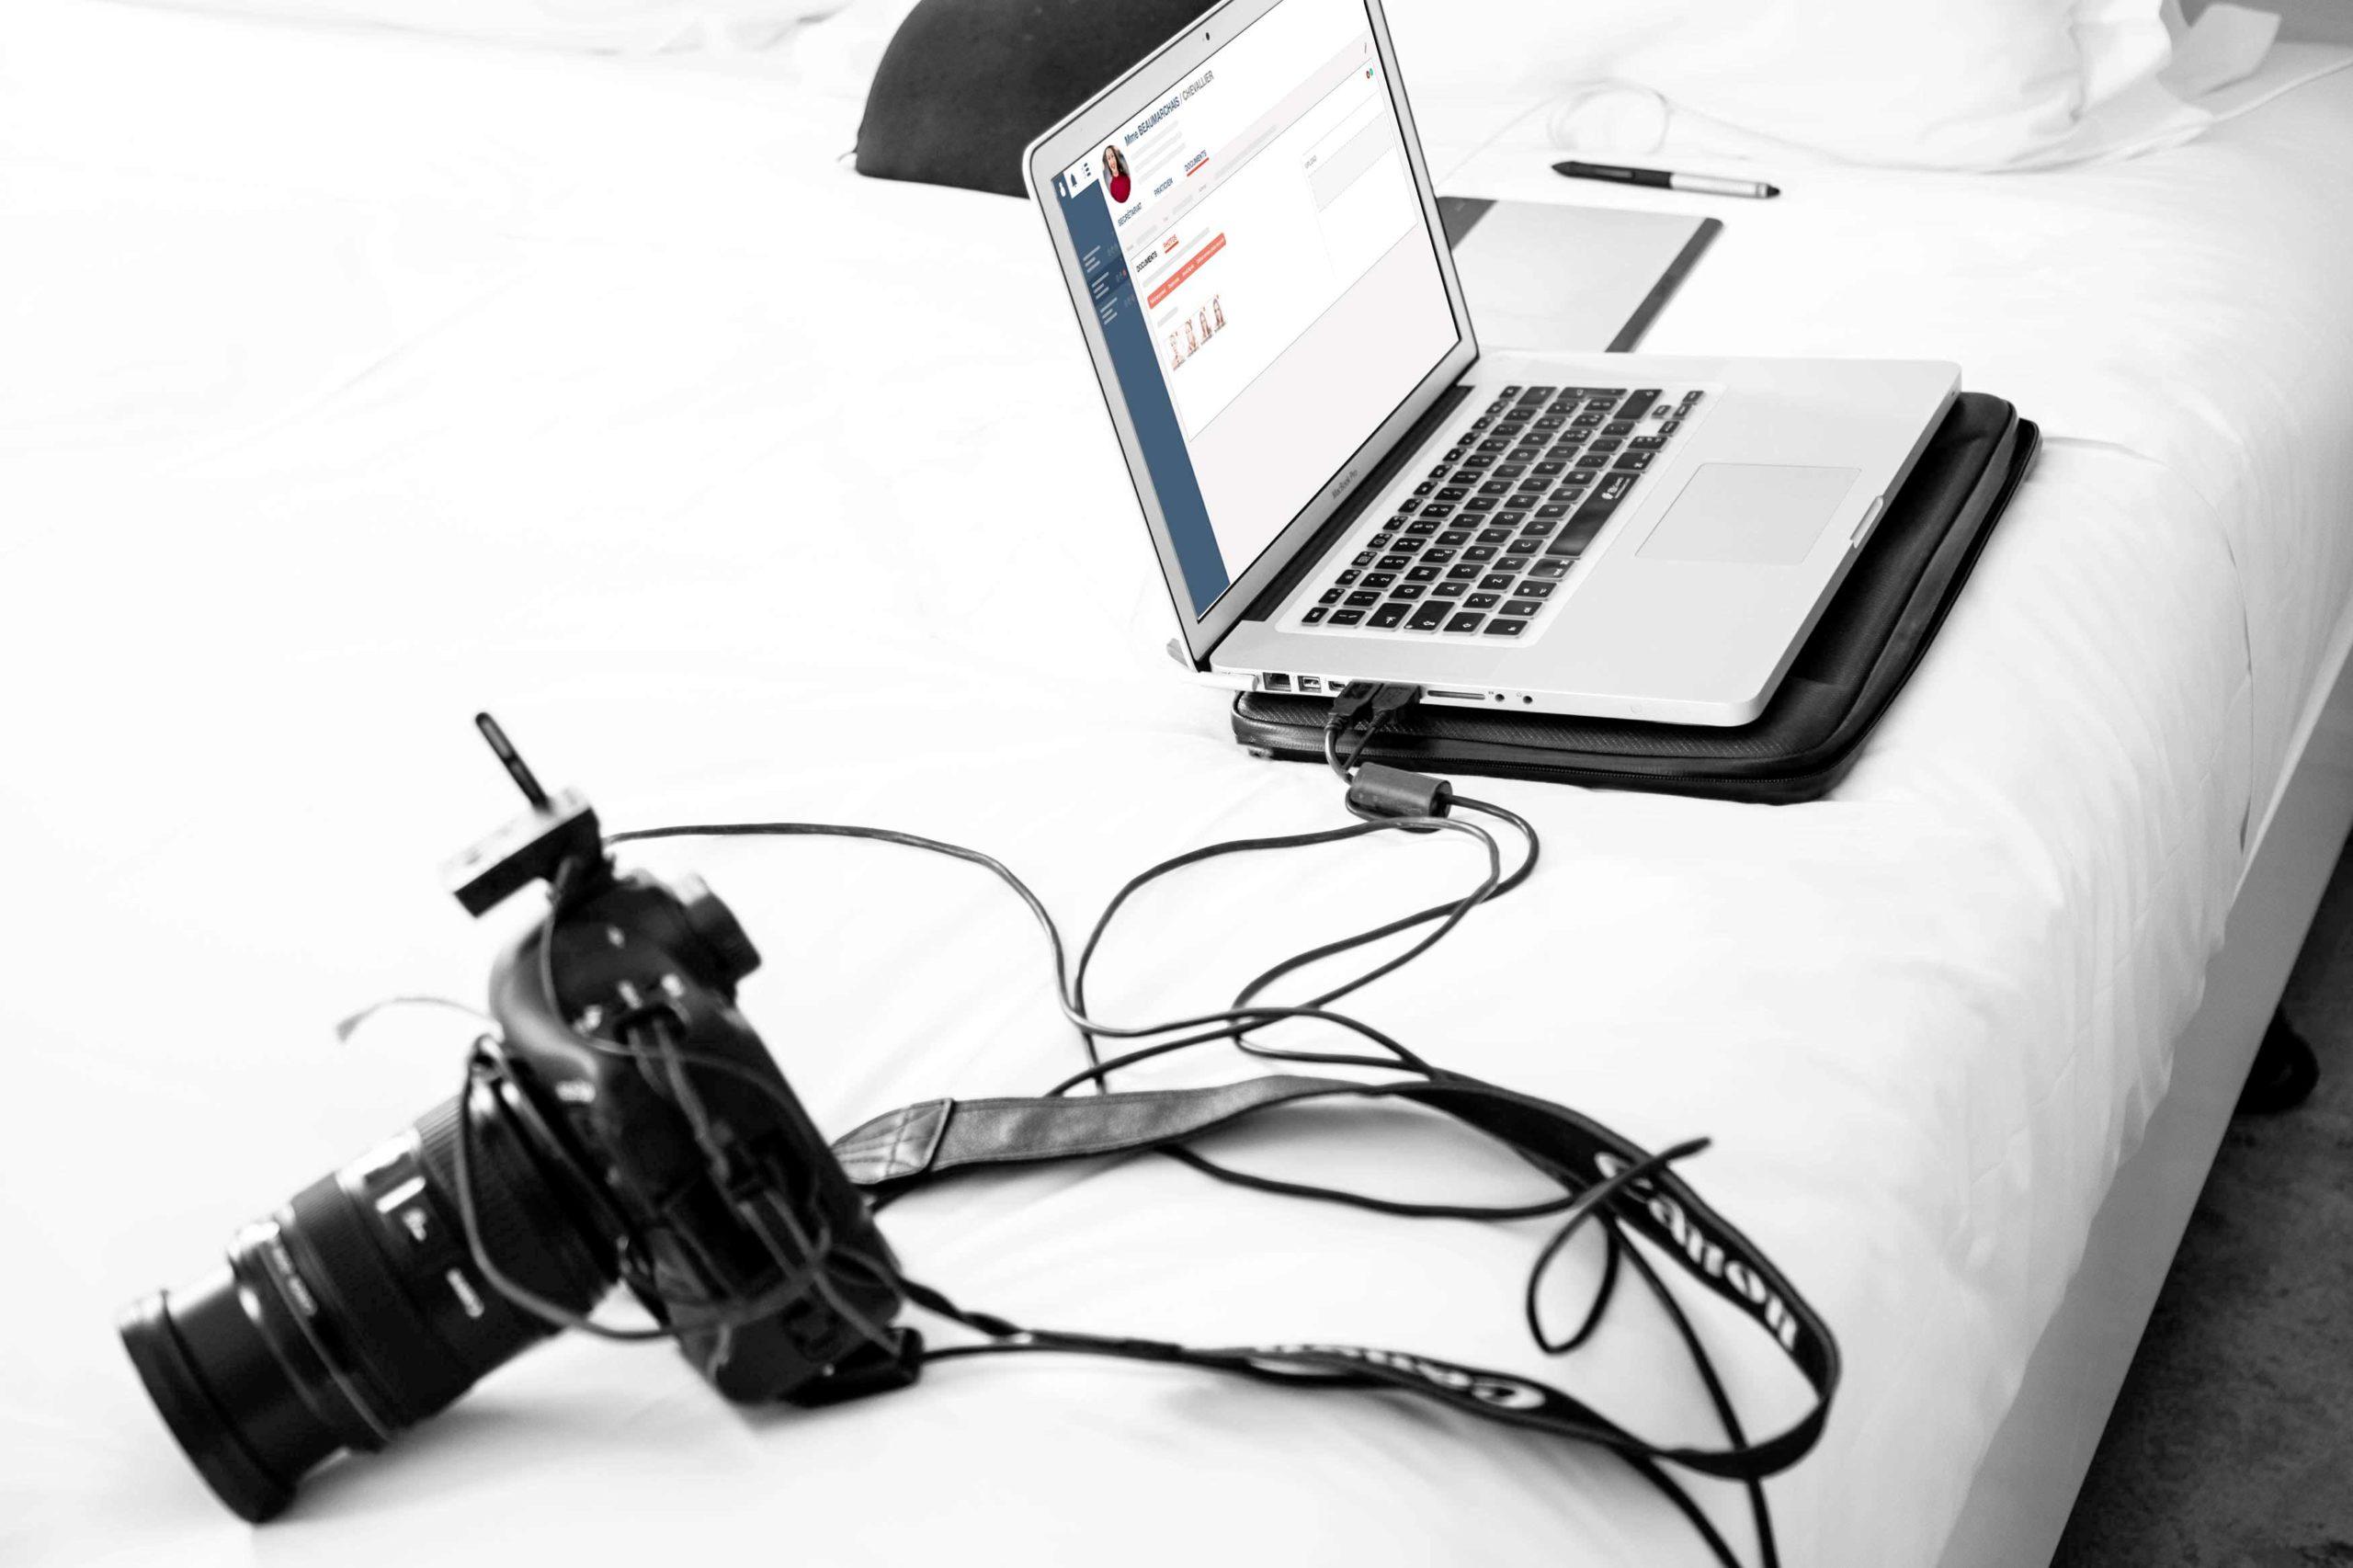 appareil photo branché à un ordinateur portable